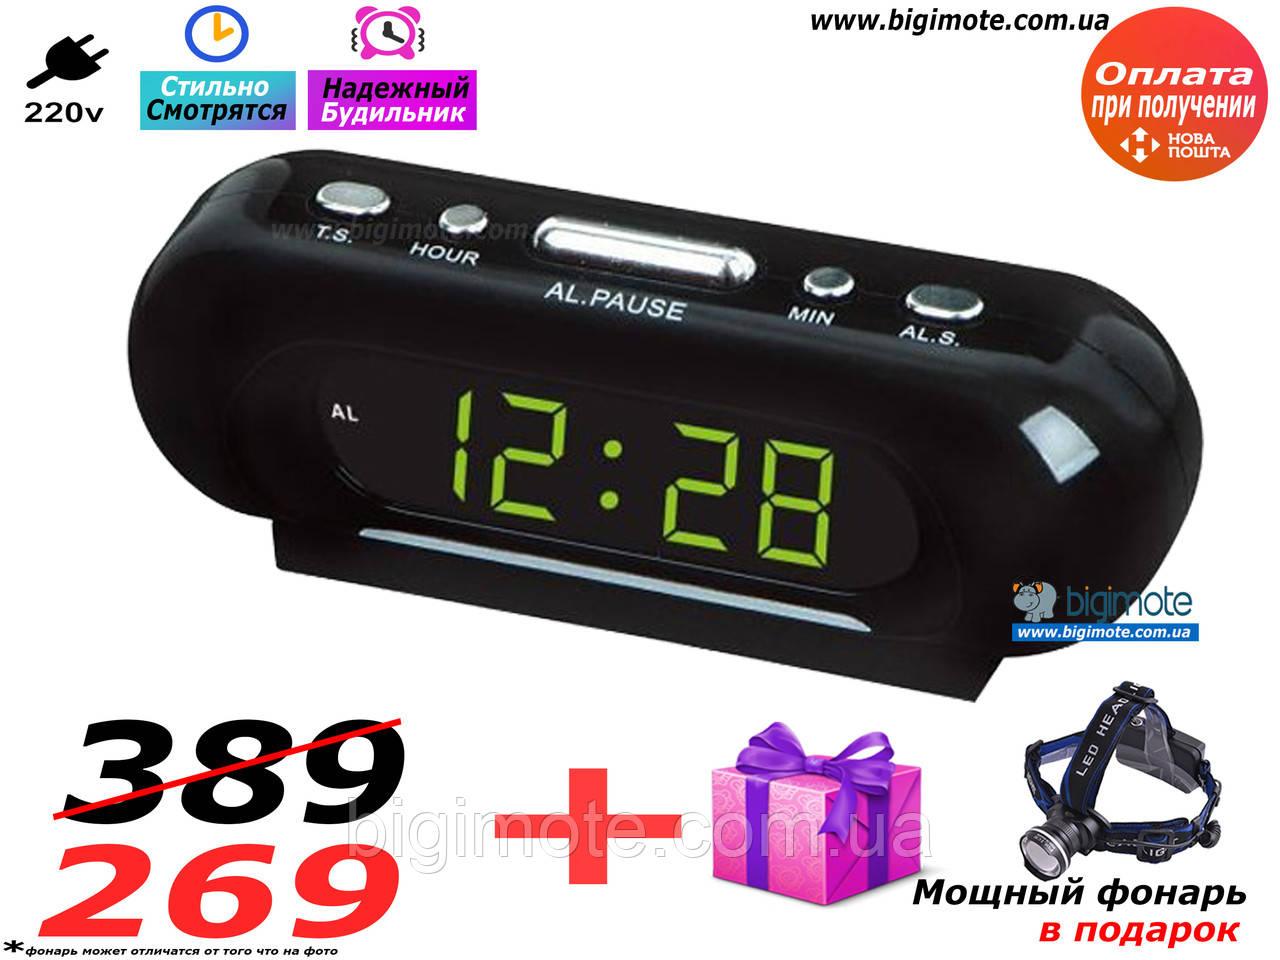 Электронные часы,настольные часы,часы настольные,часы электронные, с подсветкой, vst716-2